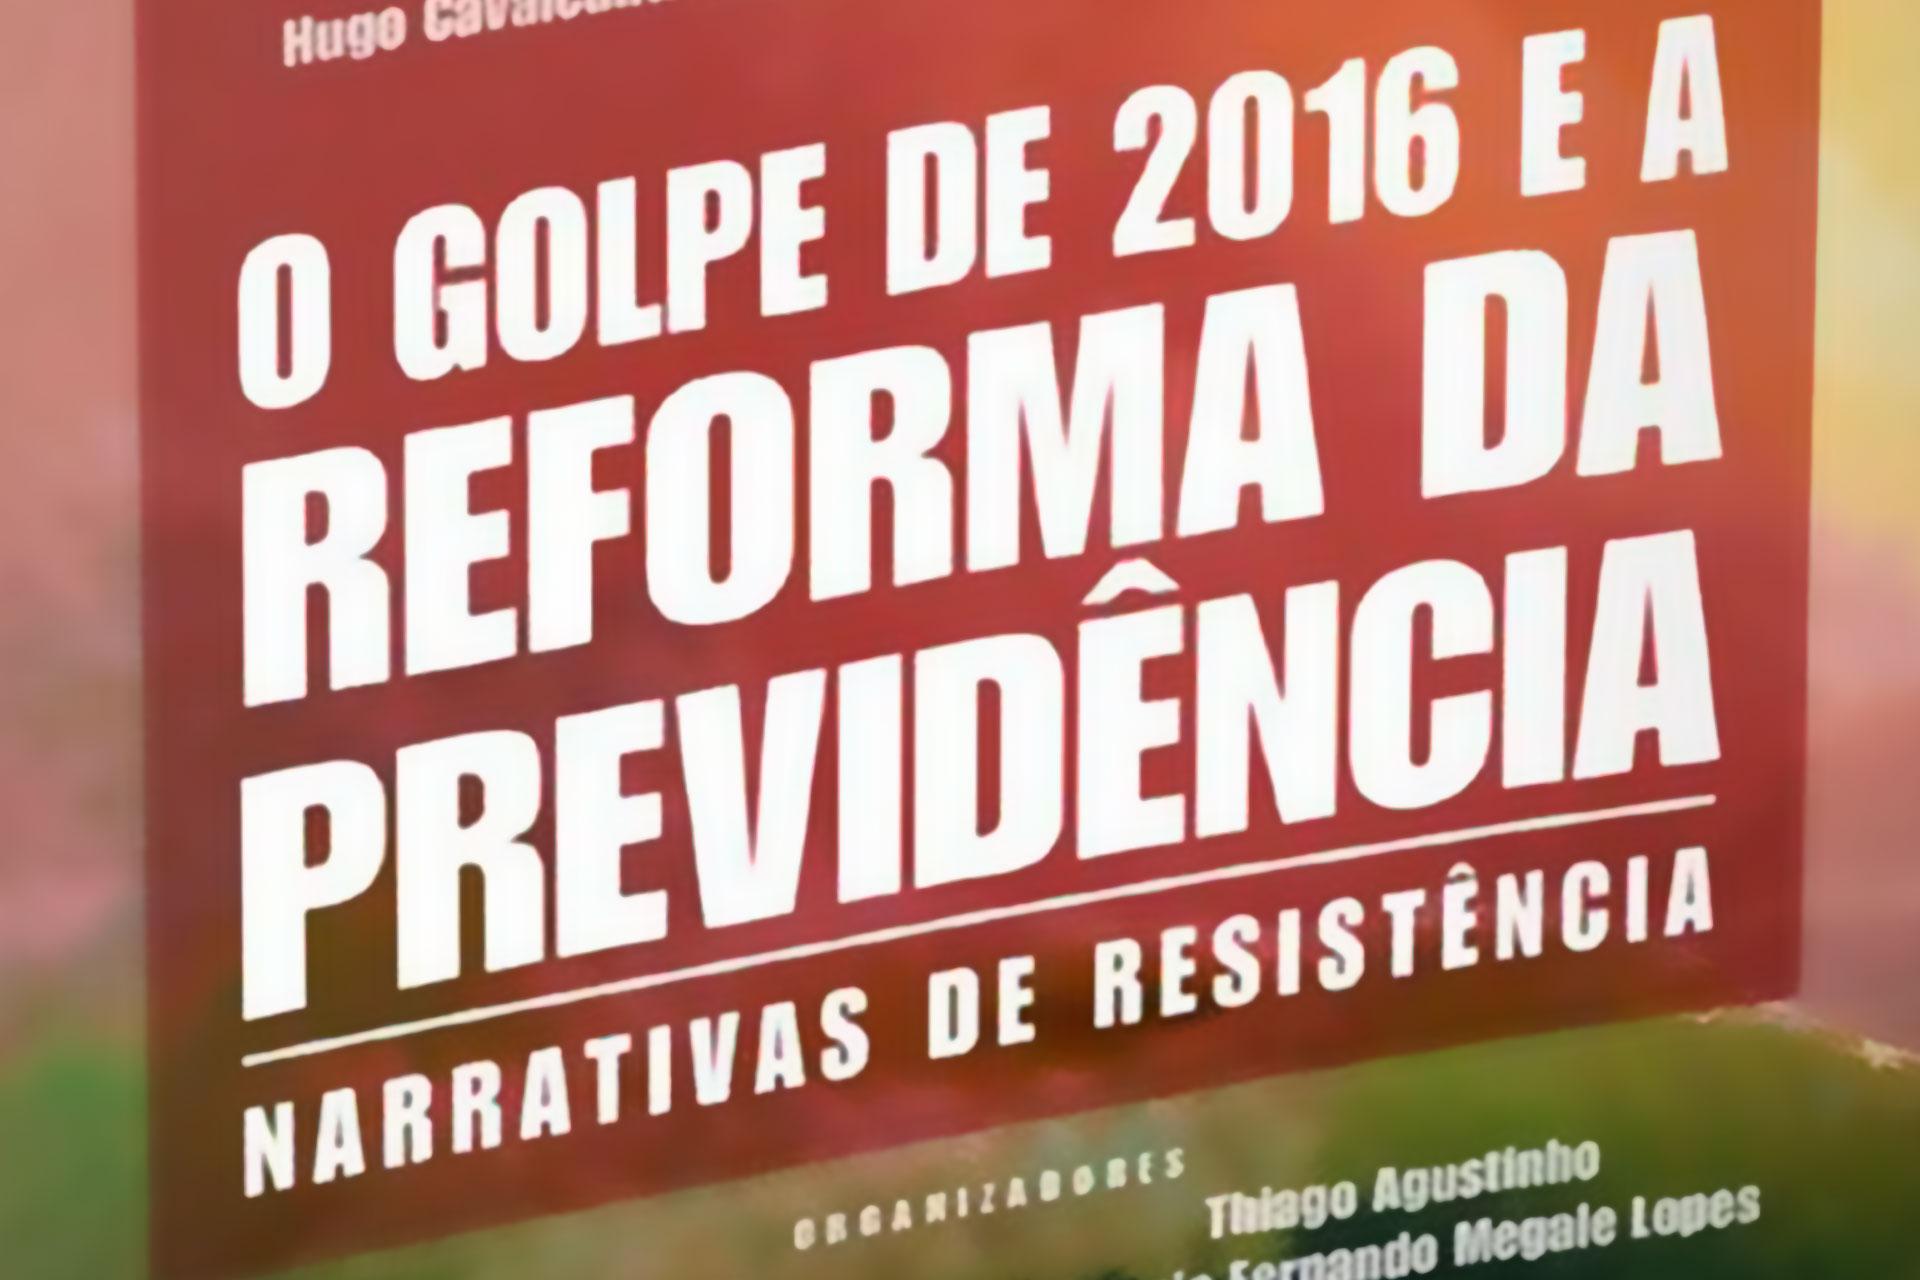 O golpe de 2016 e a reforma da previdência - Narrativas de resistência